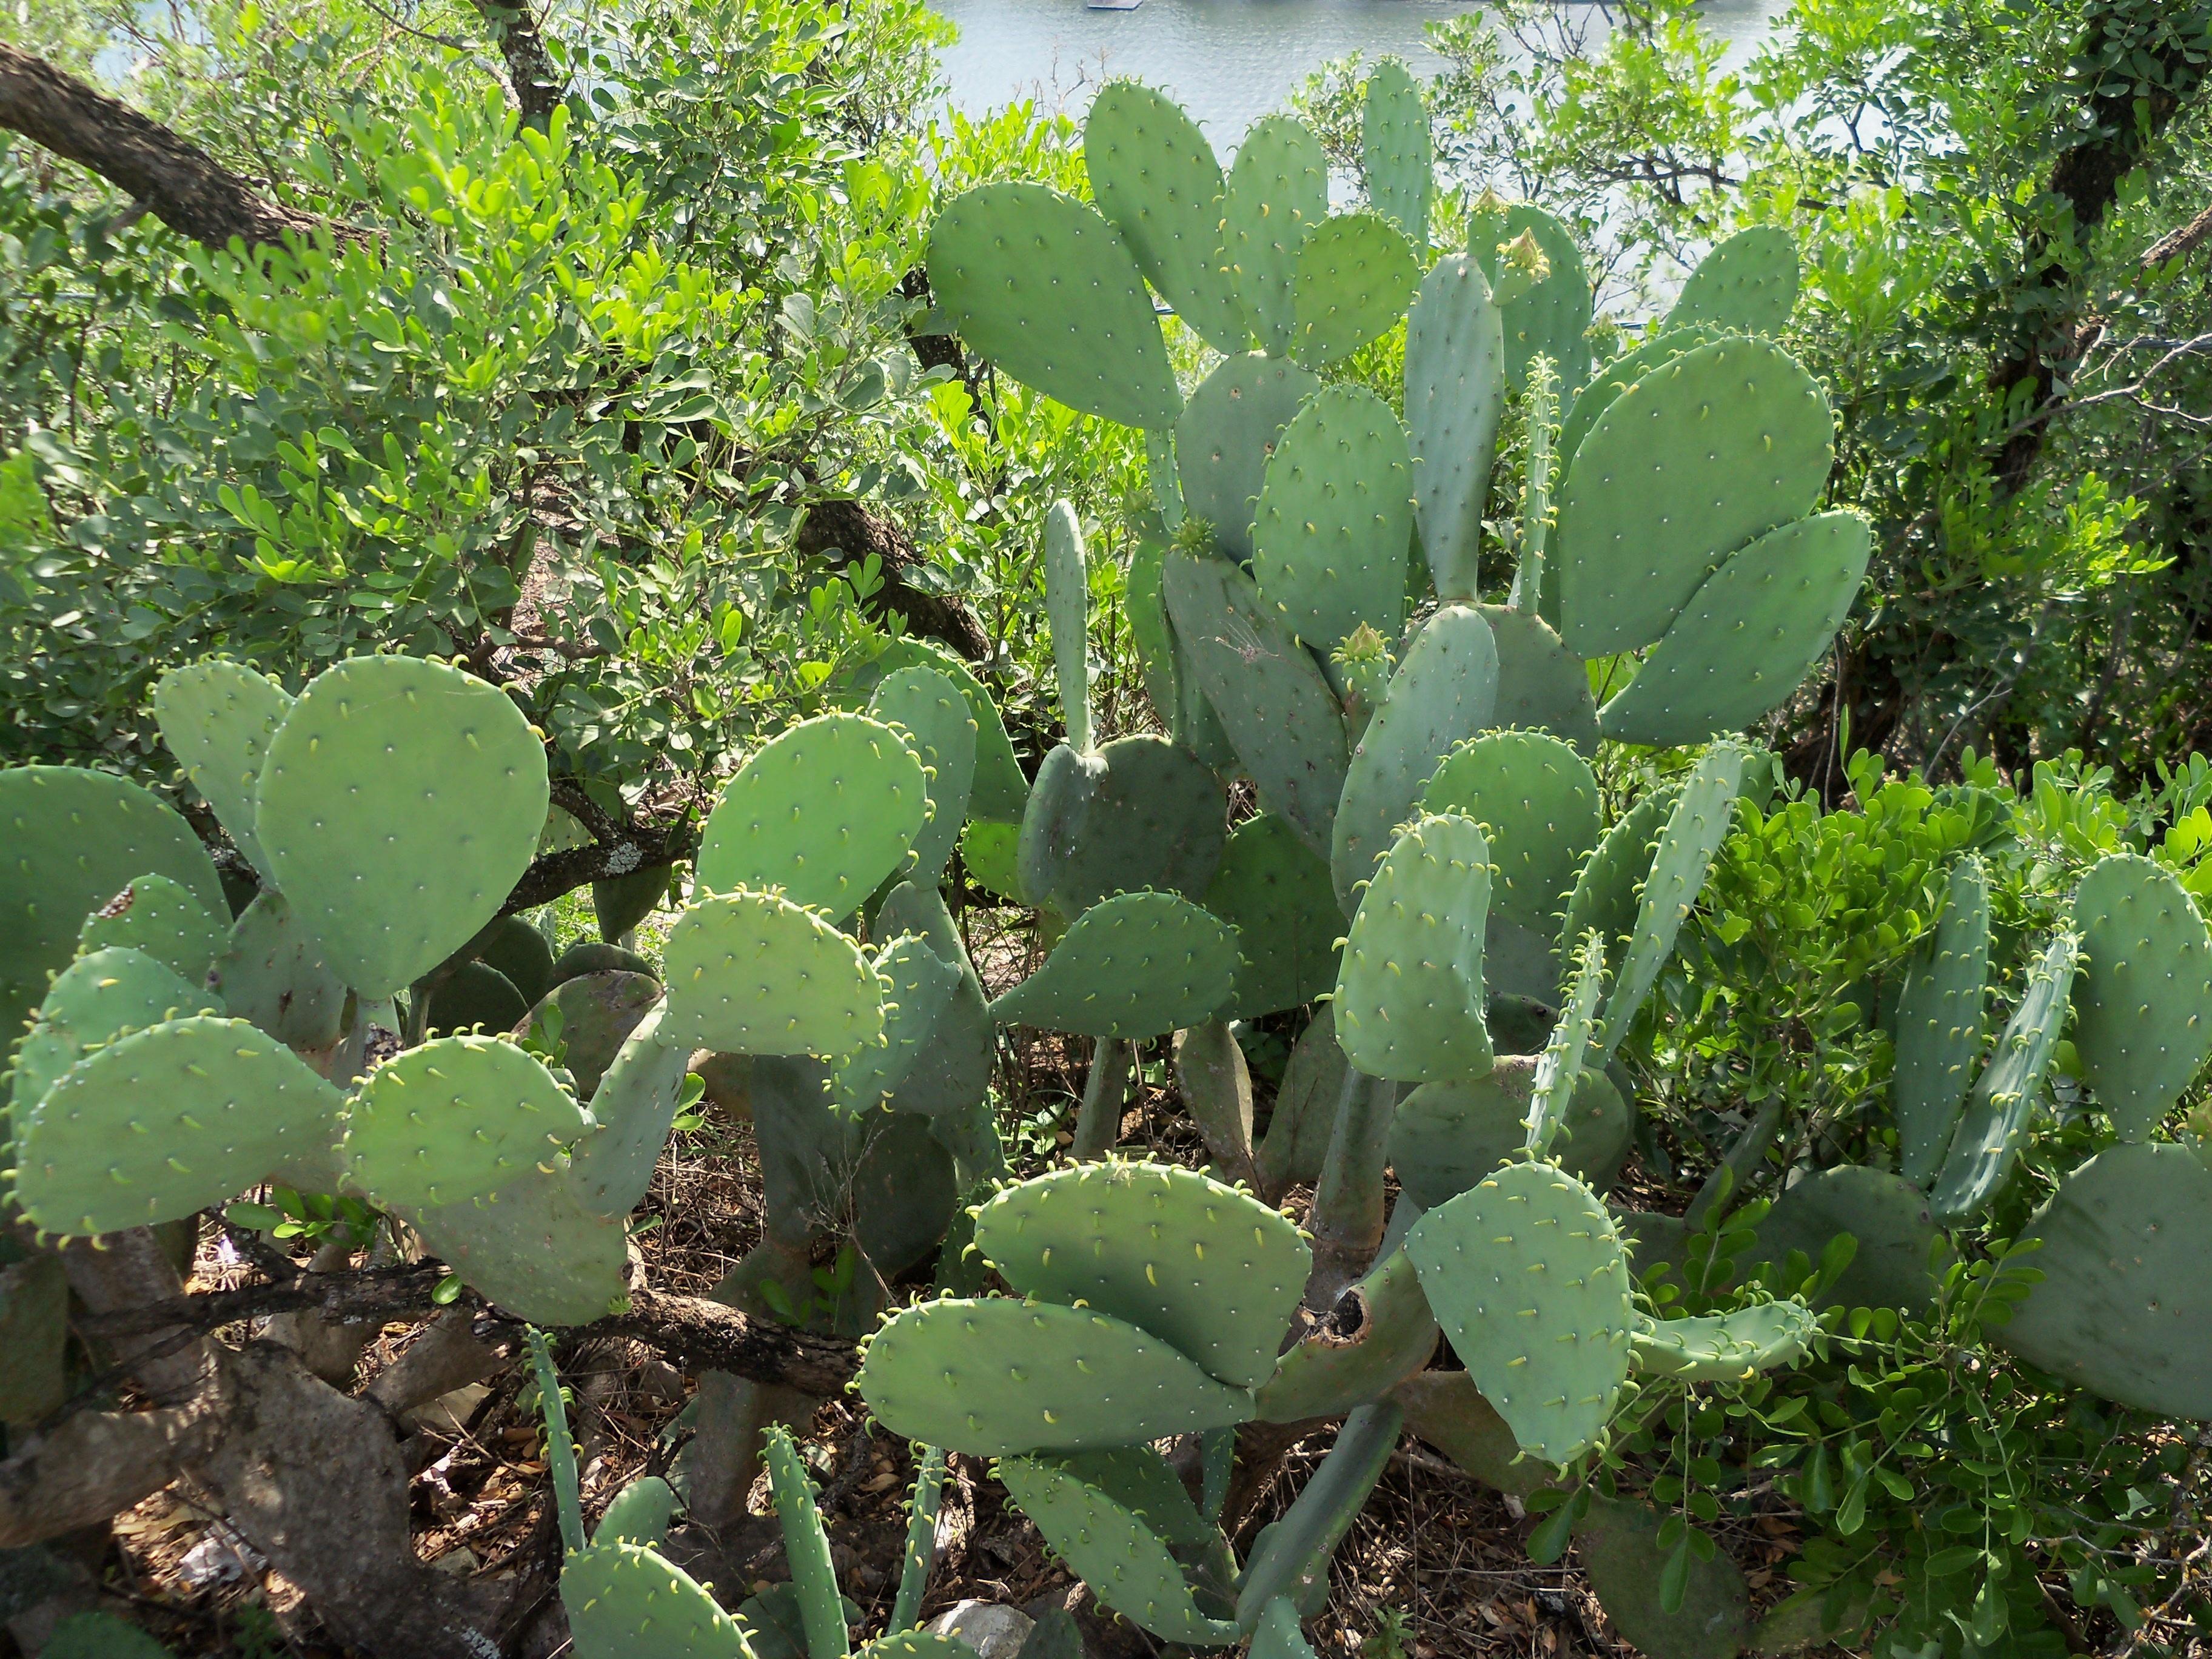 images gratuites cactus d sert fleur aliments produire l gume botanique les pines. Black Bedroom Furniture Sets. Home Design Ideas